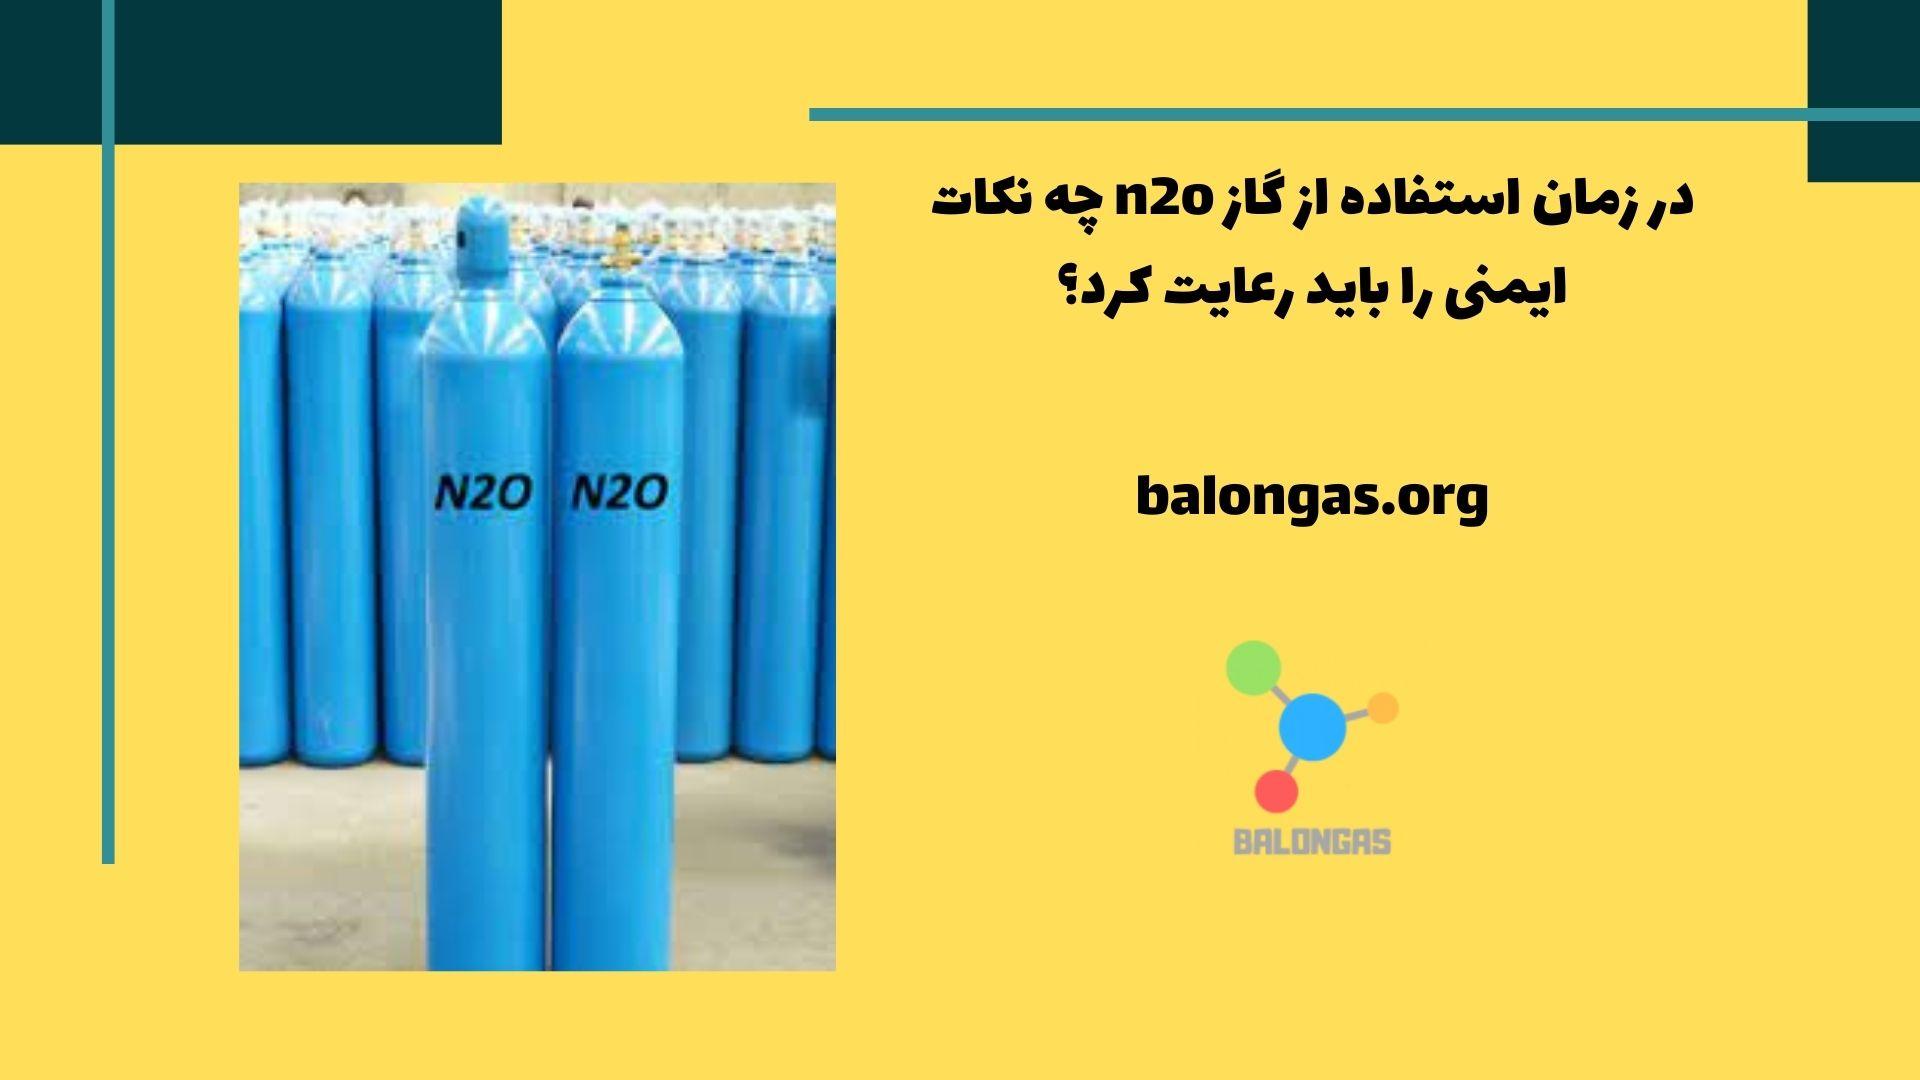 در زمان استفاده از گاز n2o چه نکات ایمنی را باید رعایت کرد؟